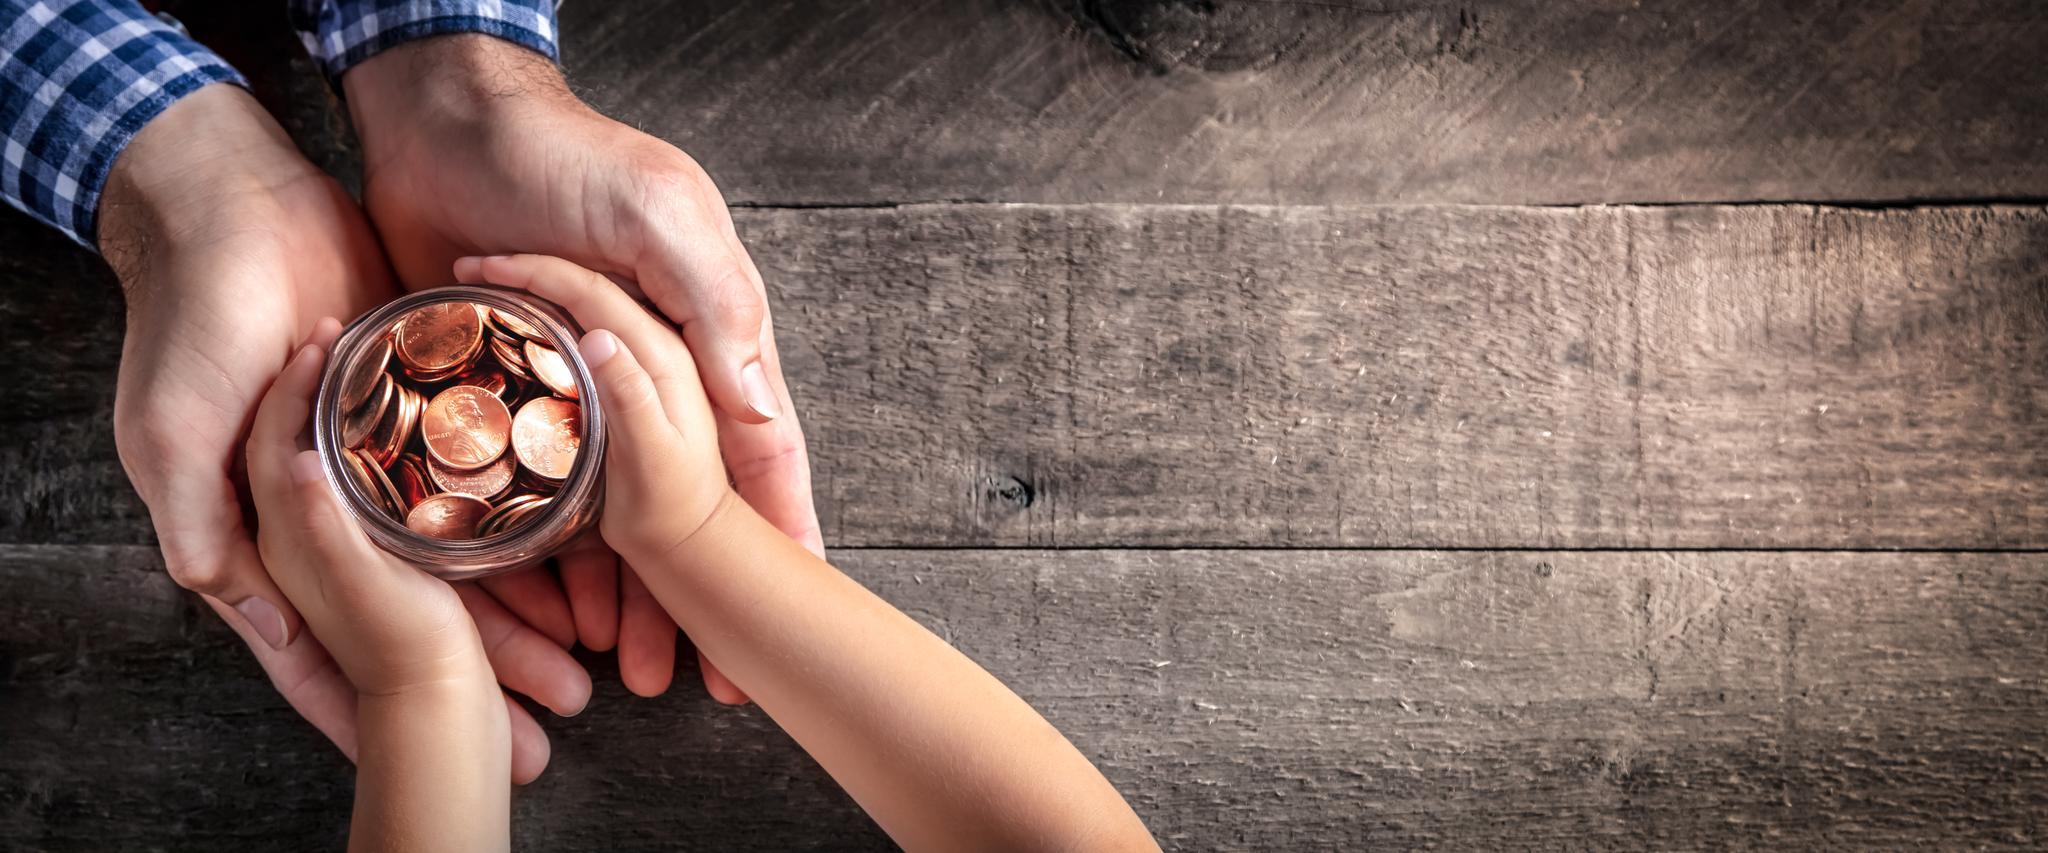 Die Hände eines Erwachsenen halten Kinderhände, die ein Glas mit Münzen umschließen